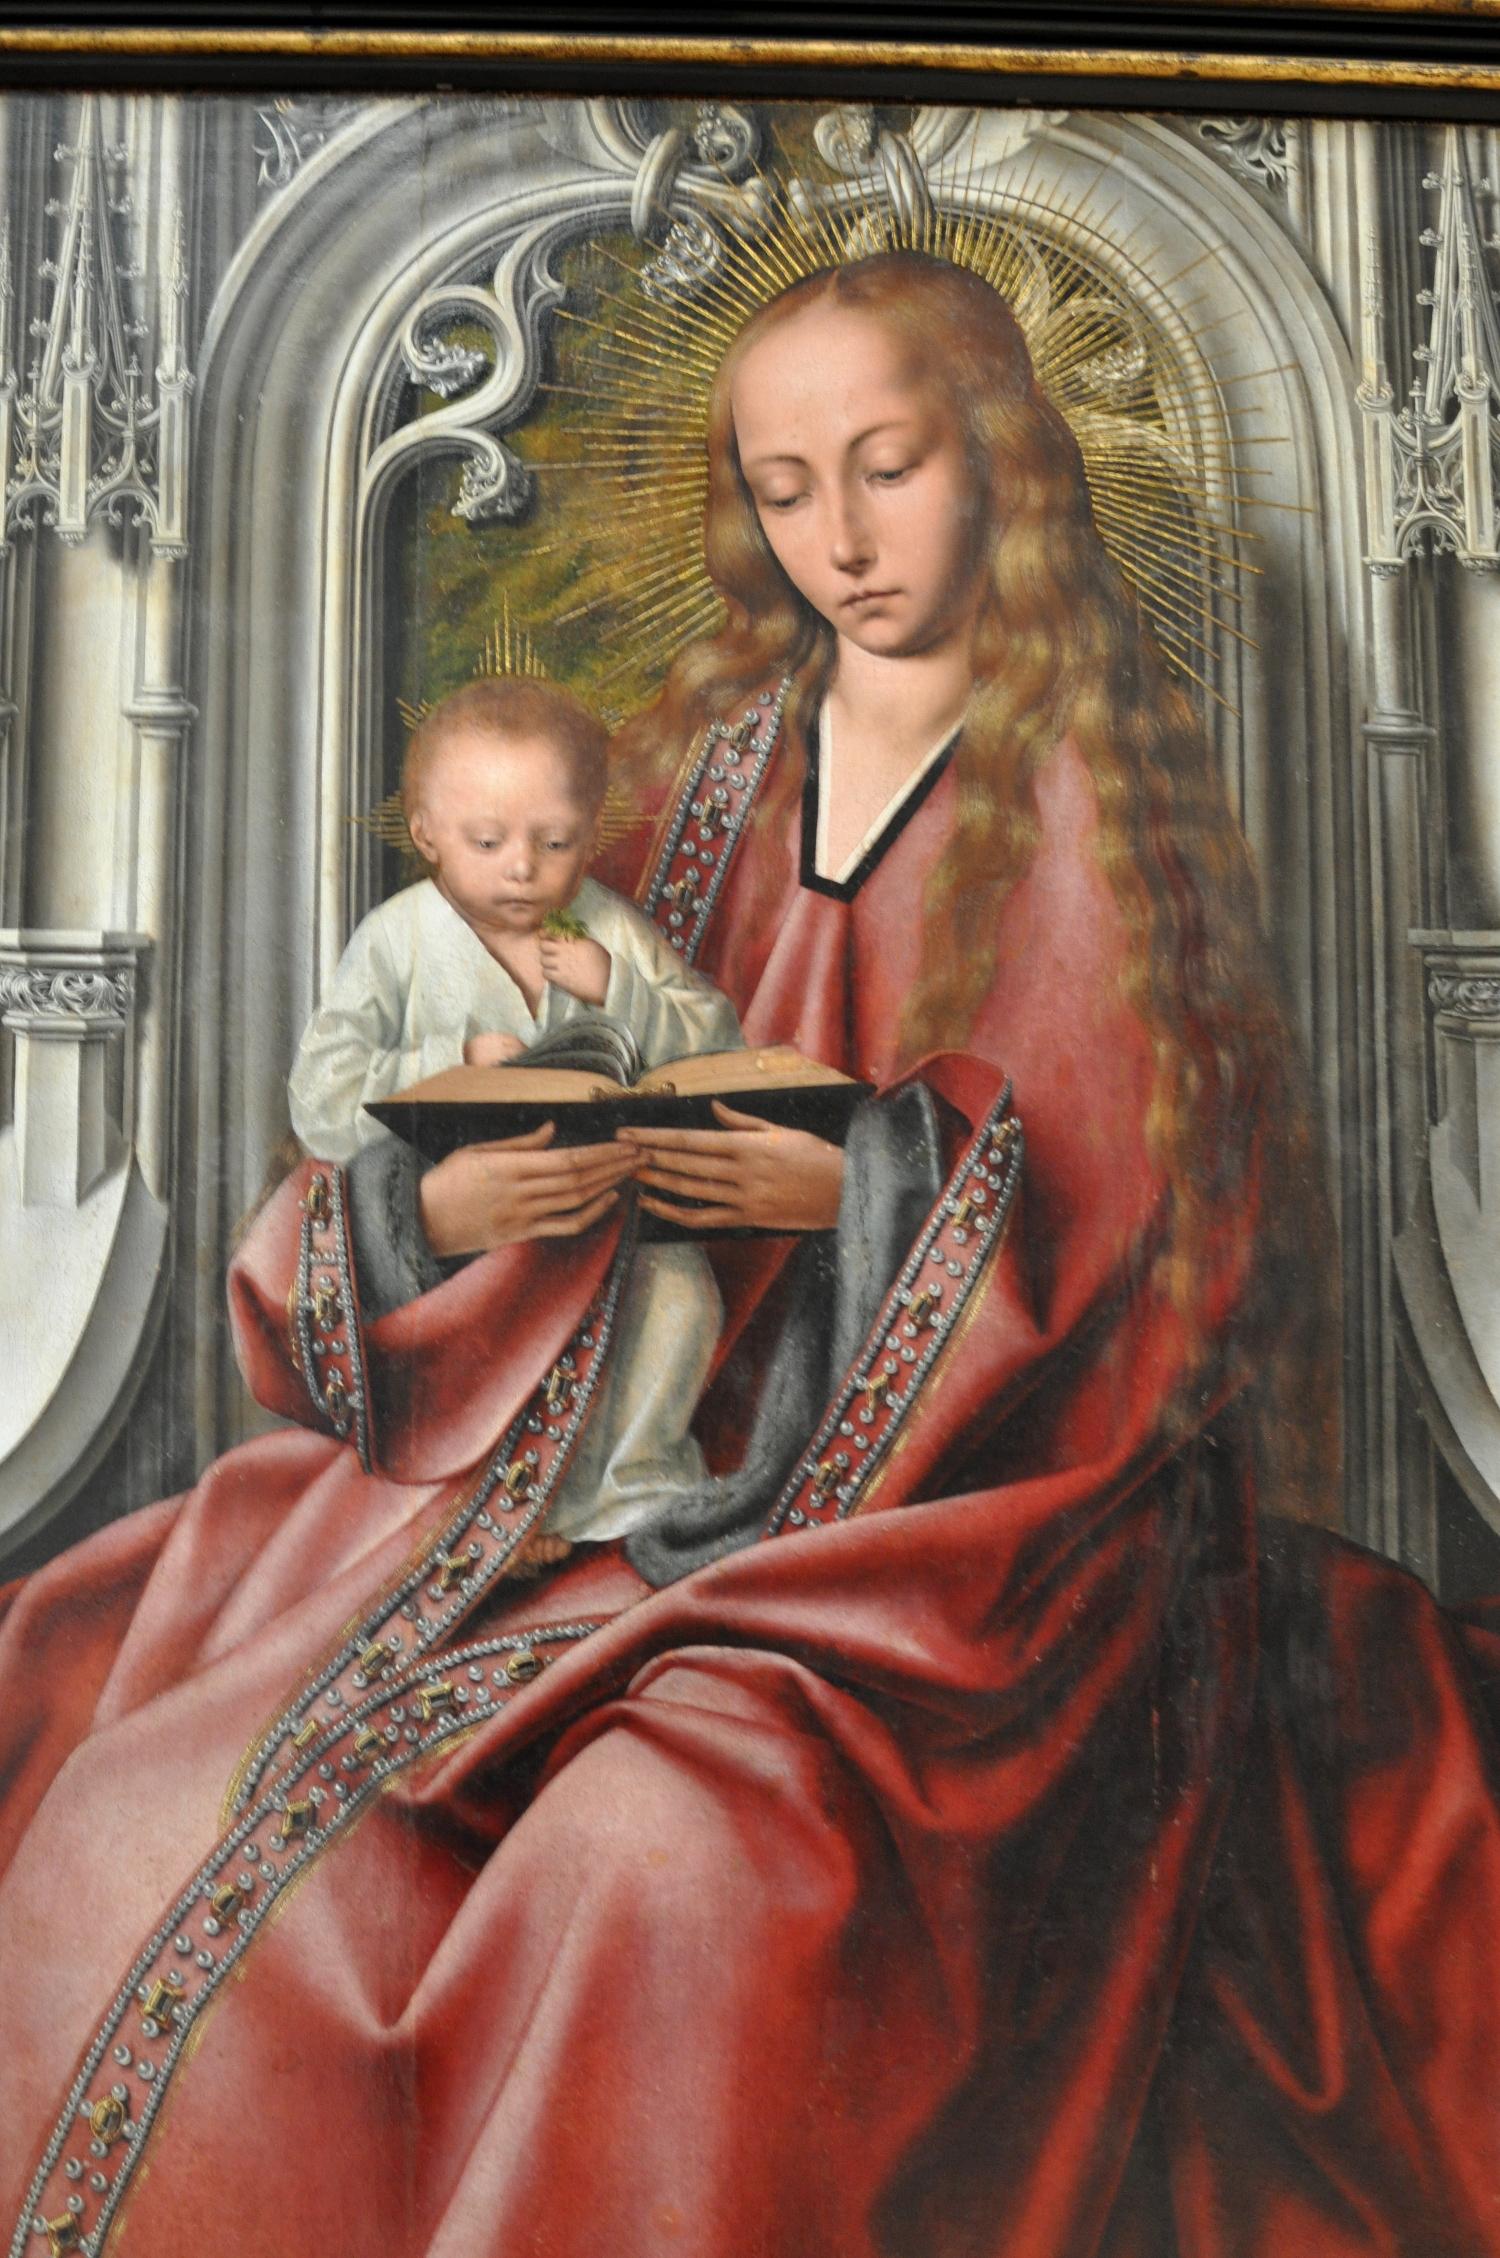 rocaille-blog-bruxelles-musees-royaux-des-beaux-arts-flemish-art-22